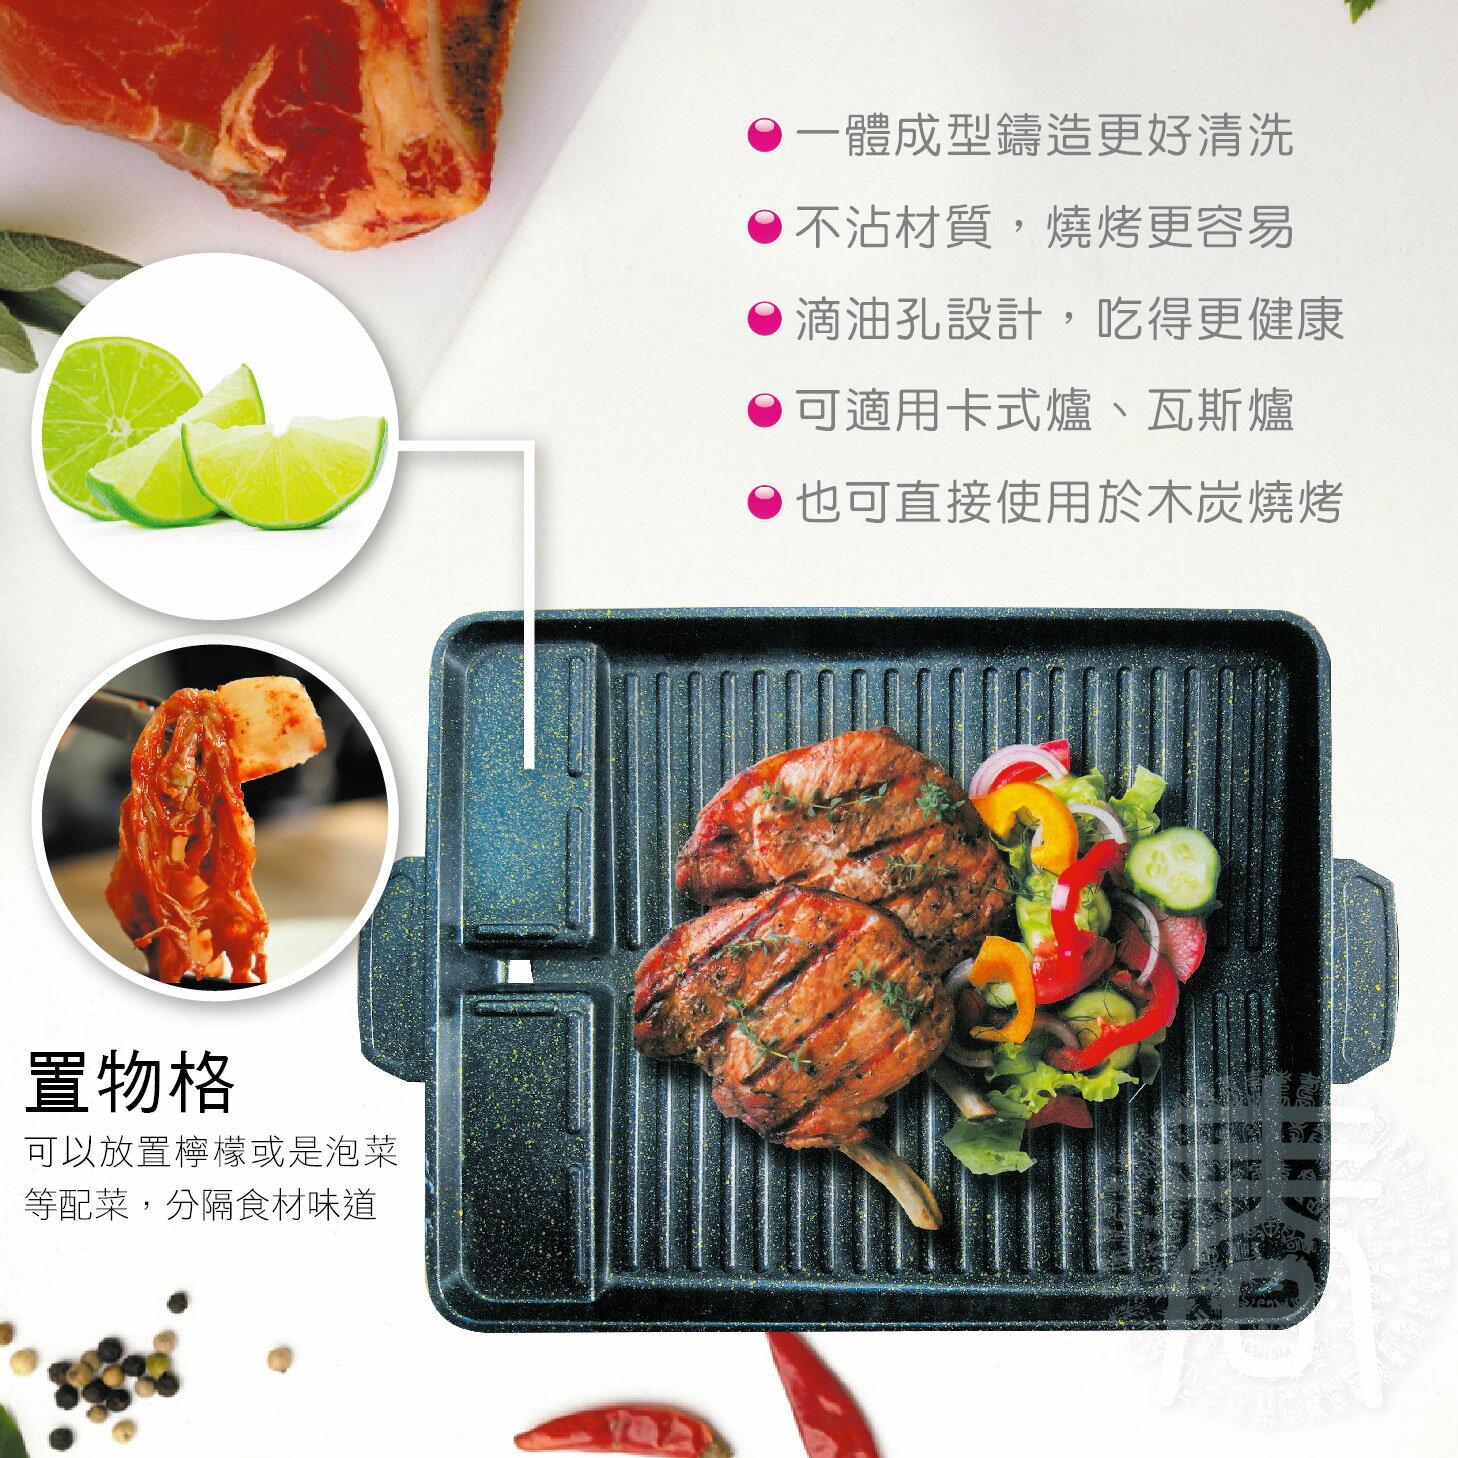 派樂 不沾低脂韓式燒烤盤 (1入) 烤肉盤 炒鍋 煎鍋 低脂煎烤盤 滴油烤盤 中秋烤肉 一體成型鑄造